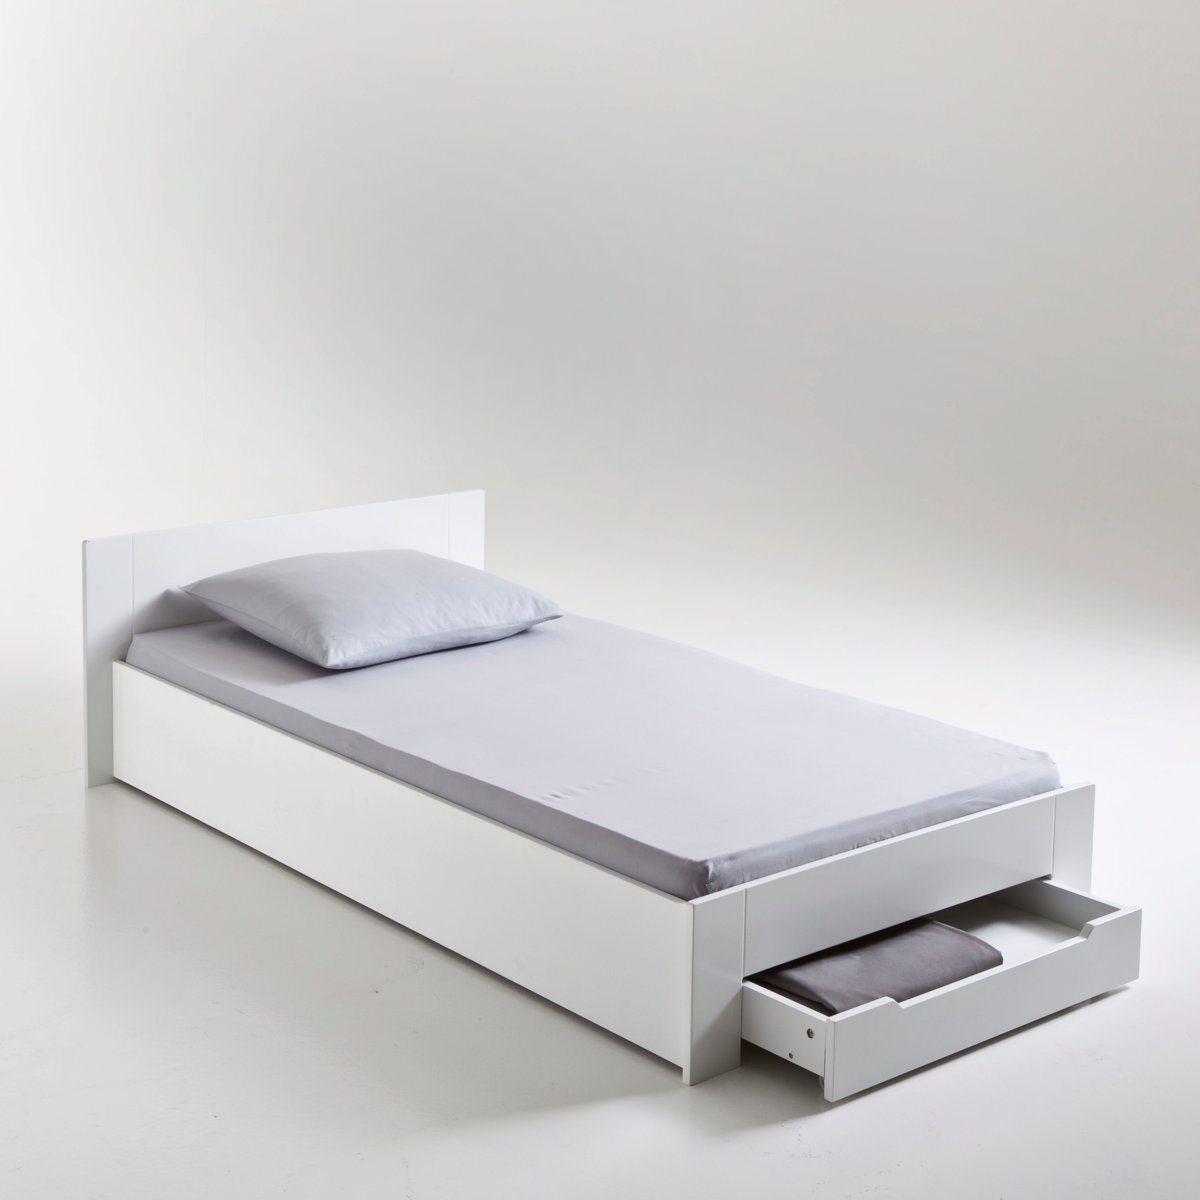 Кровать 1-спальная с сеткой и ящиком, Crawley